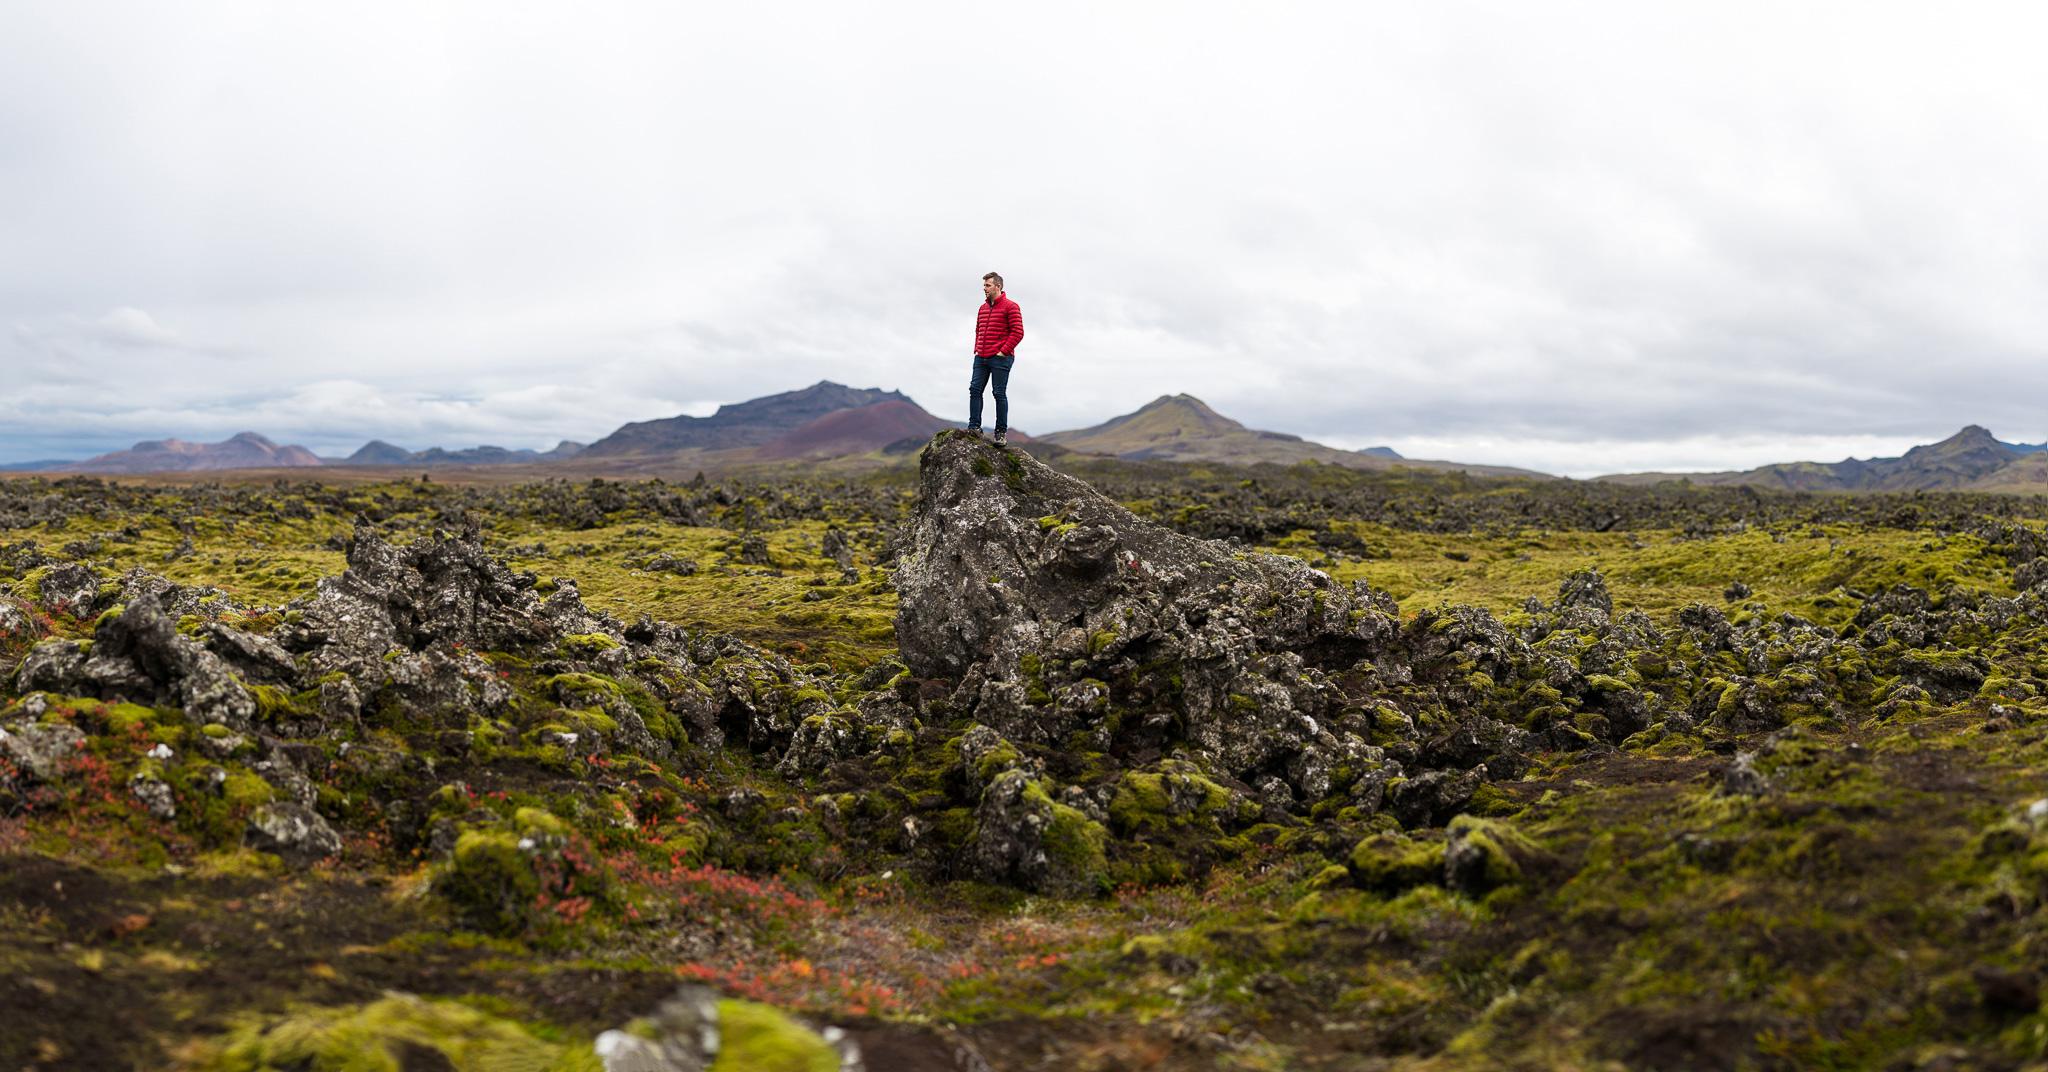 Matt perched over Berserkjahraun lava feild.